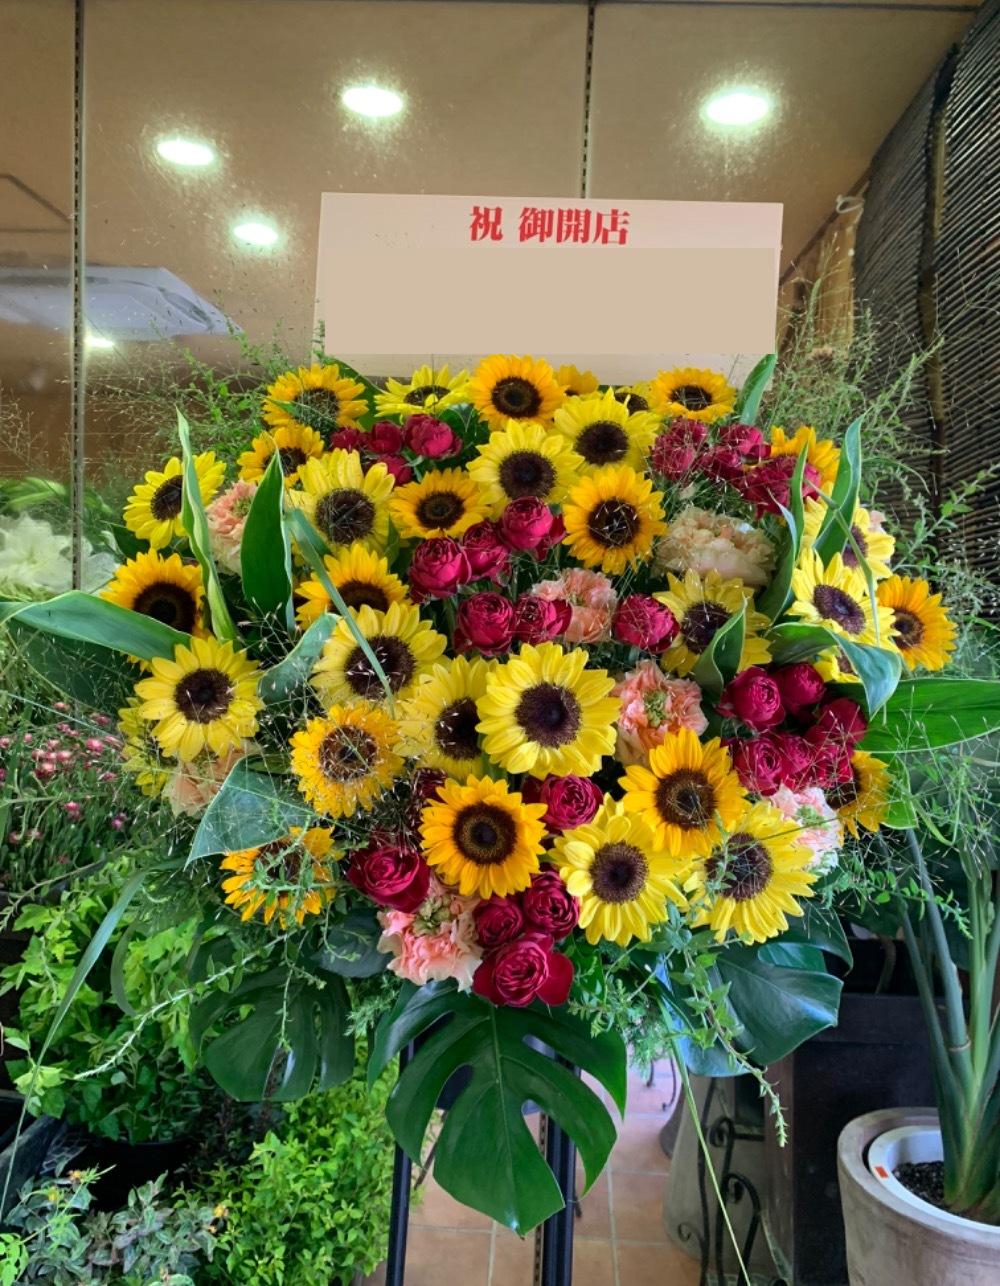 カフェオープンをお祝いする黄色をメインとした華やかな雰囲気のスタンド花